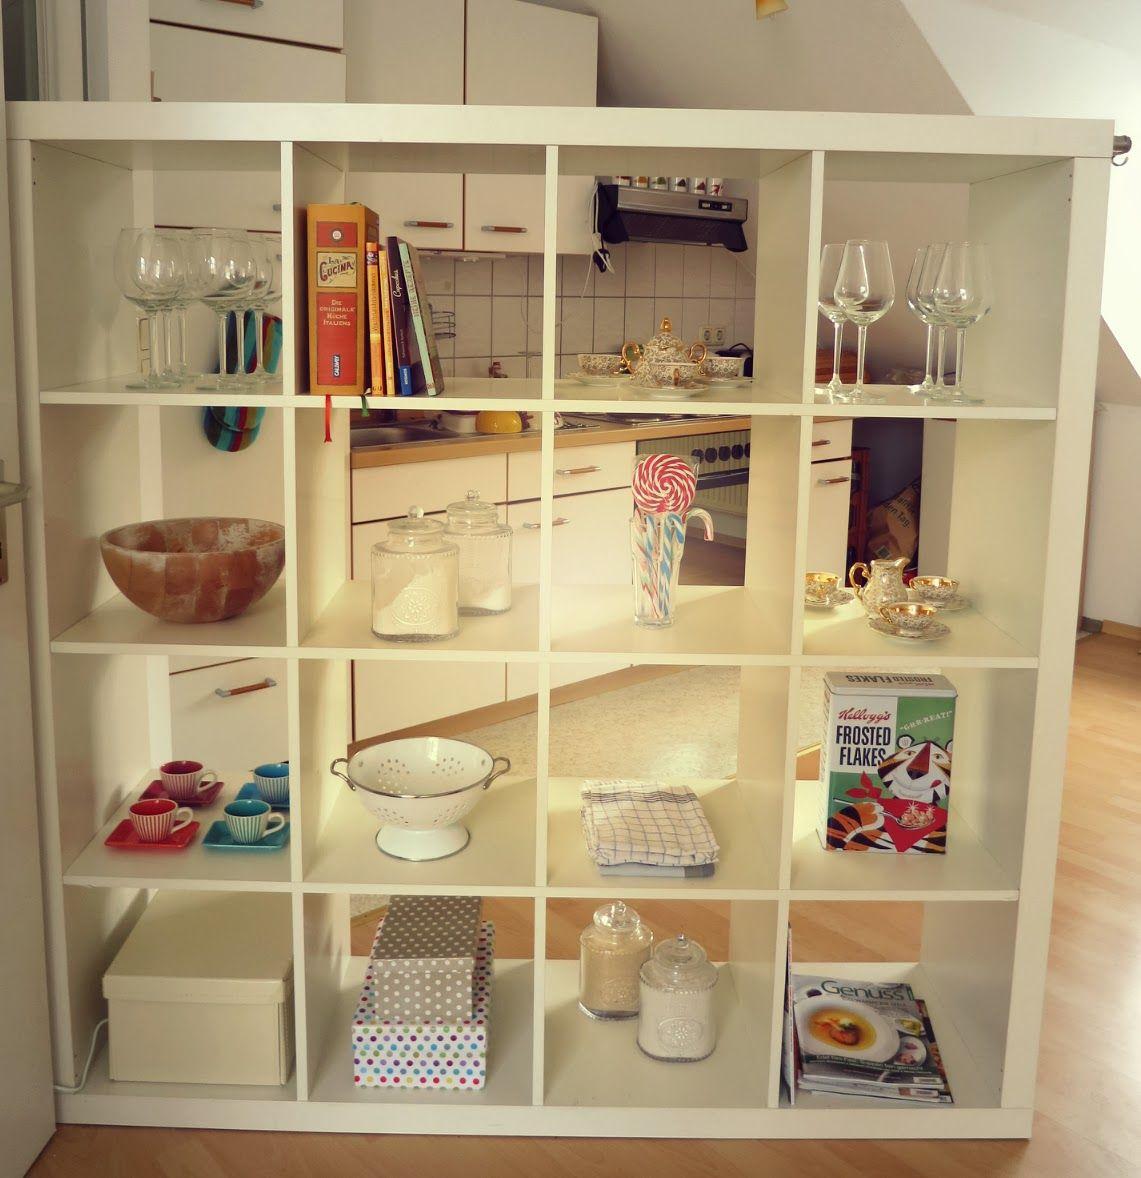 Decorating my kitchen - vintage look #küche #dekoration #vintage ...